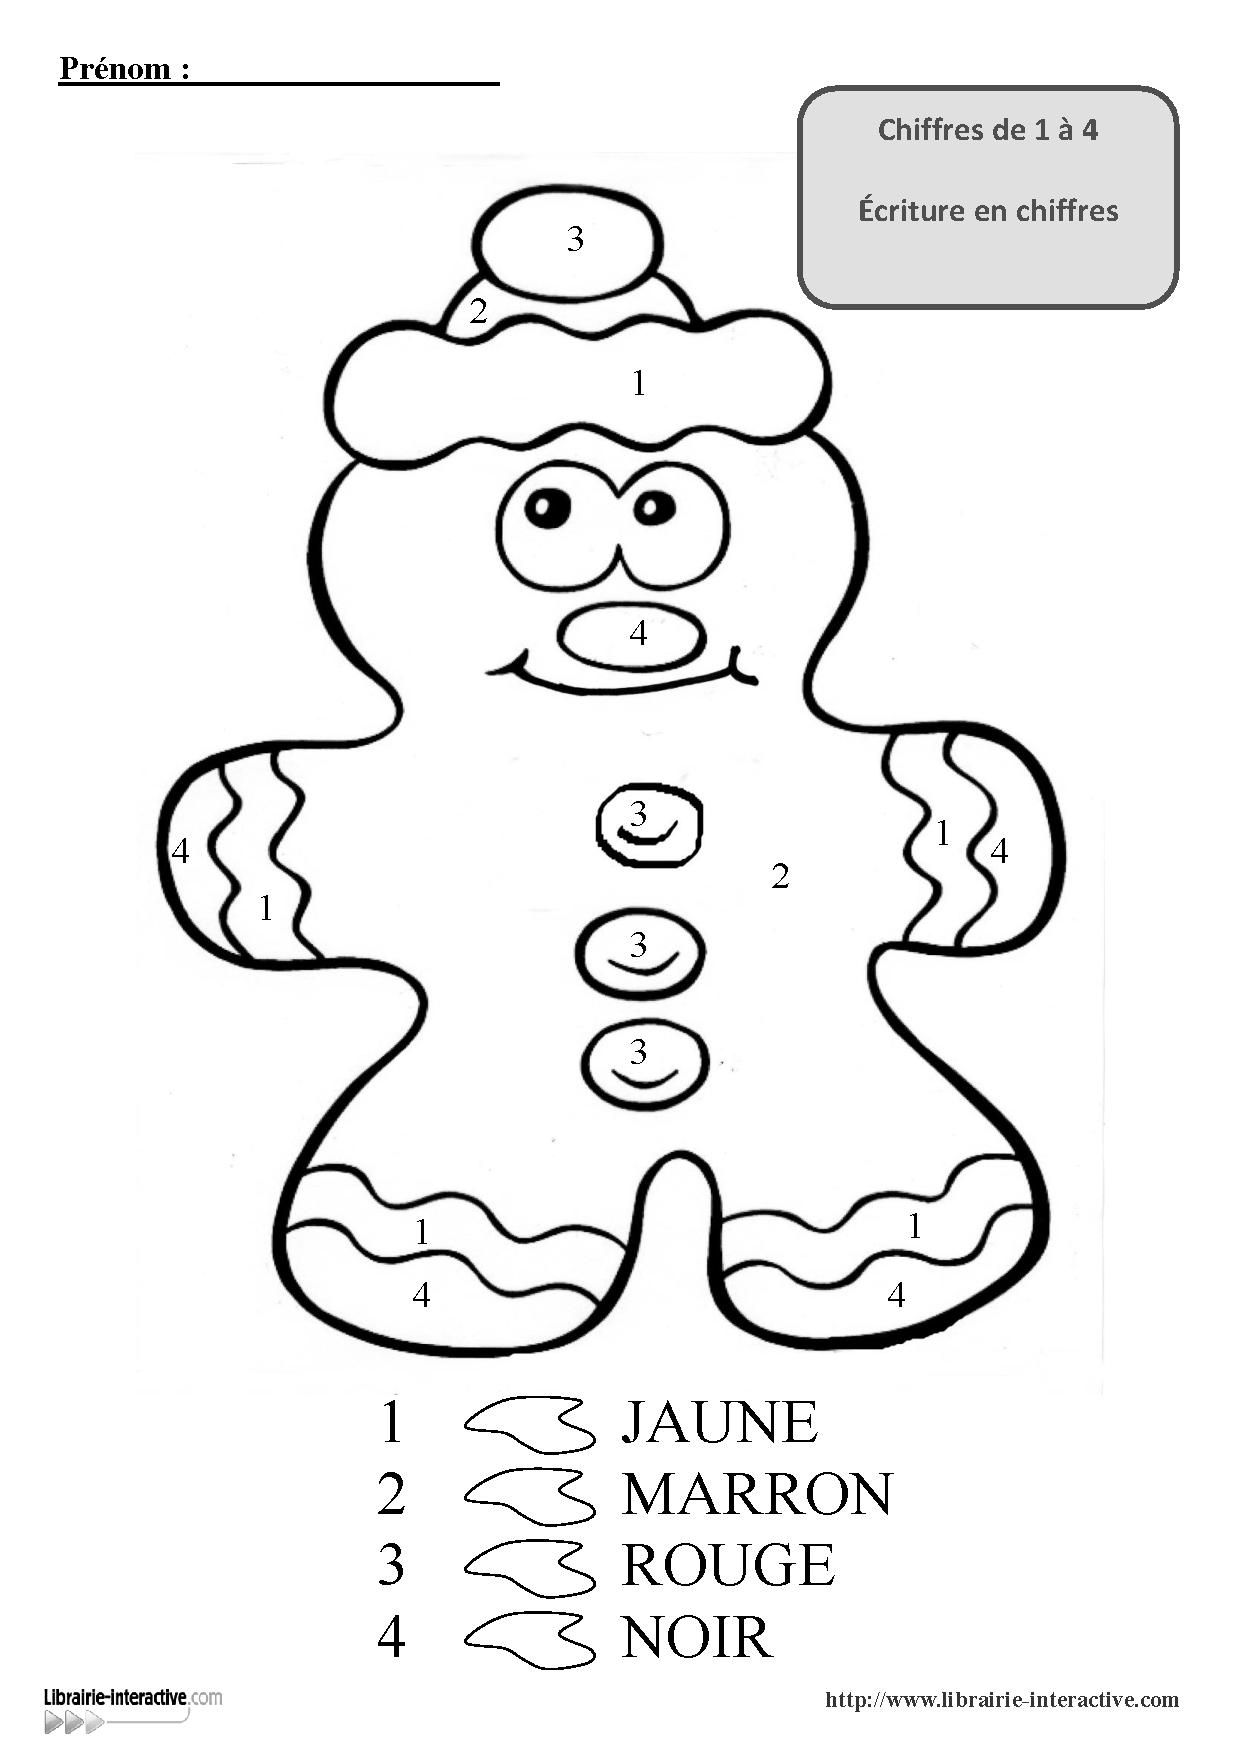 3 Coloriages Magiques Pour Les Maternelles, Pour La Venue De avec Coloriage Magique Maternelle Grande Section